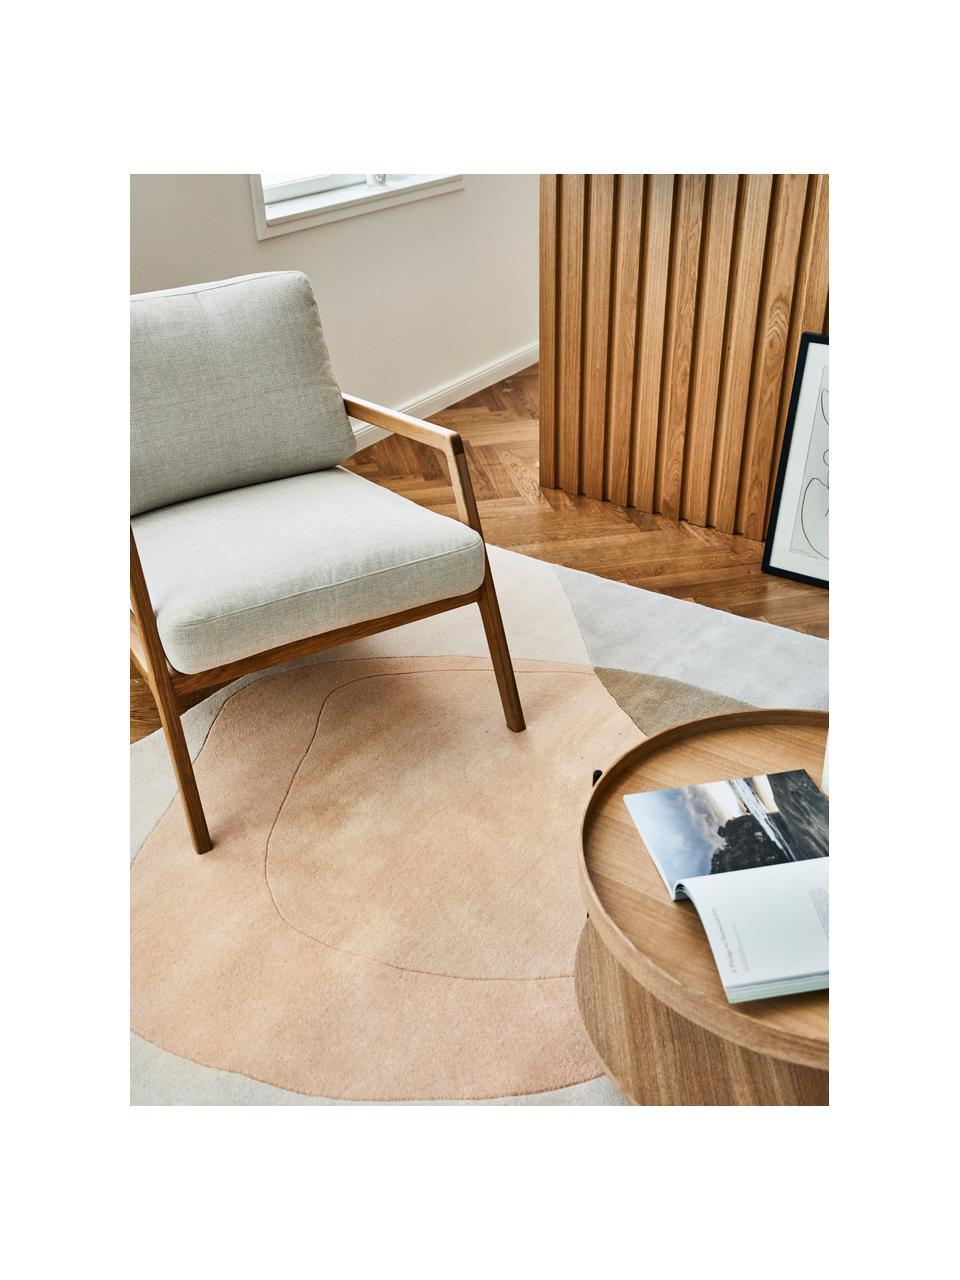 Fotel z drewna dębowego Becky, Tapicerka: poliester Dzięki tkaninie, Beżowy, drewno dębowe, S 73 x G 90 cm